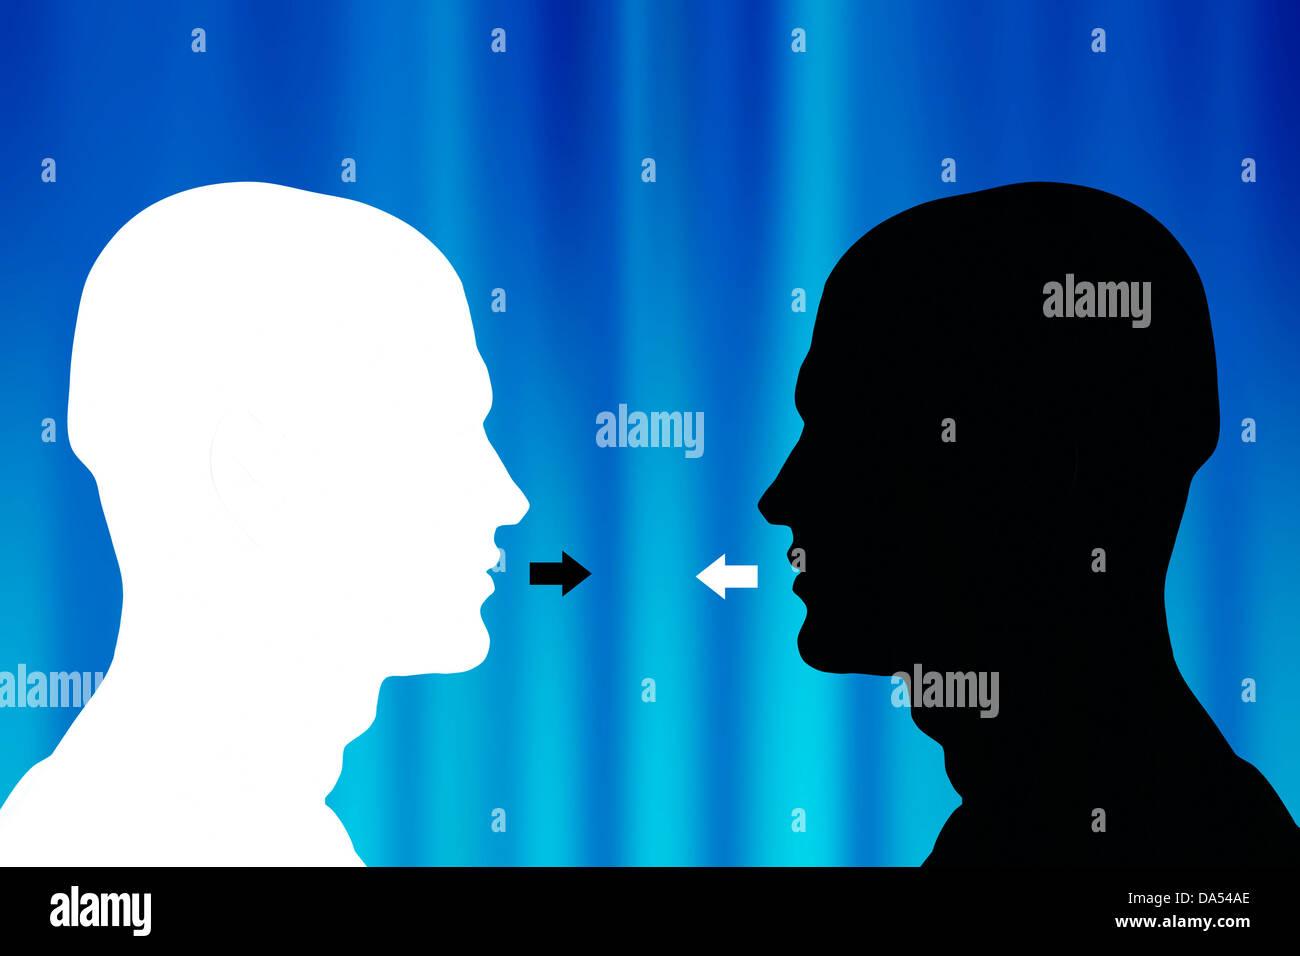 zwei entgegengesetzte männliche Köpfe Silhouette einander gegenüber - Kommunikations-Konzept Stockbild